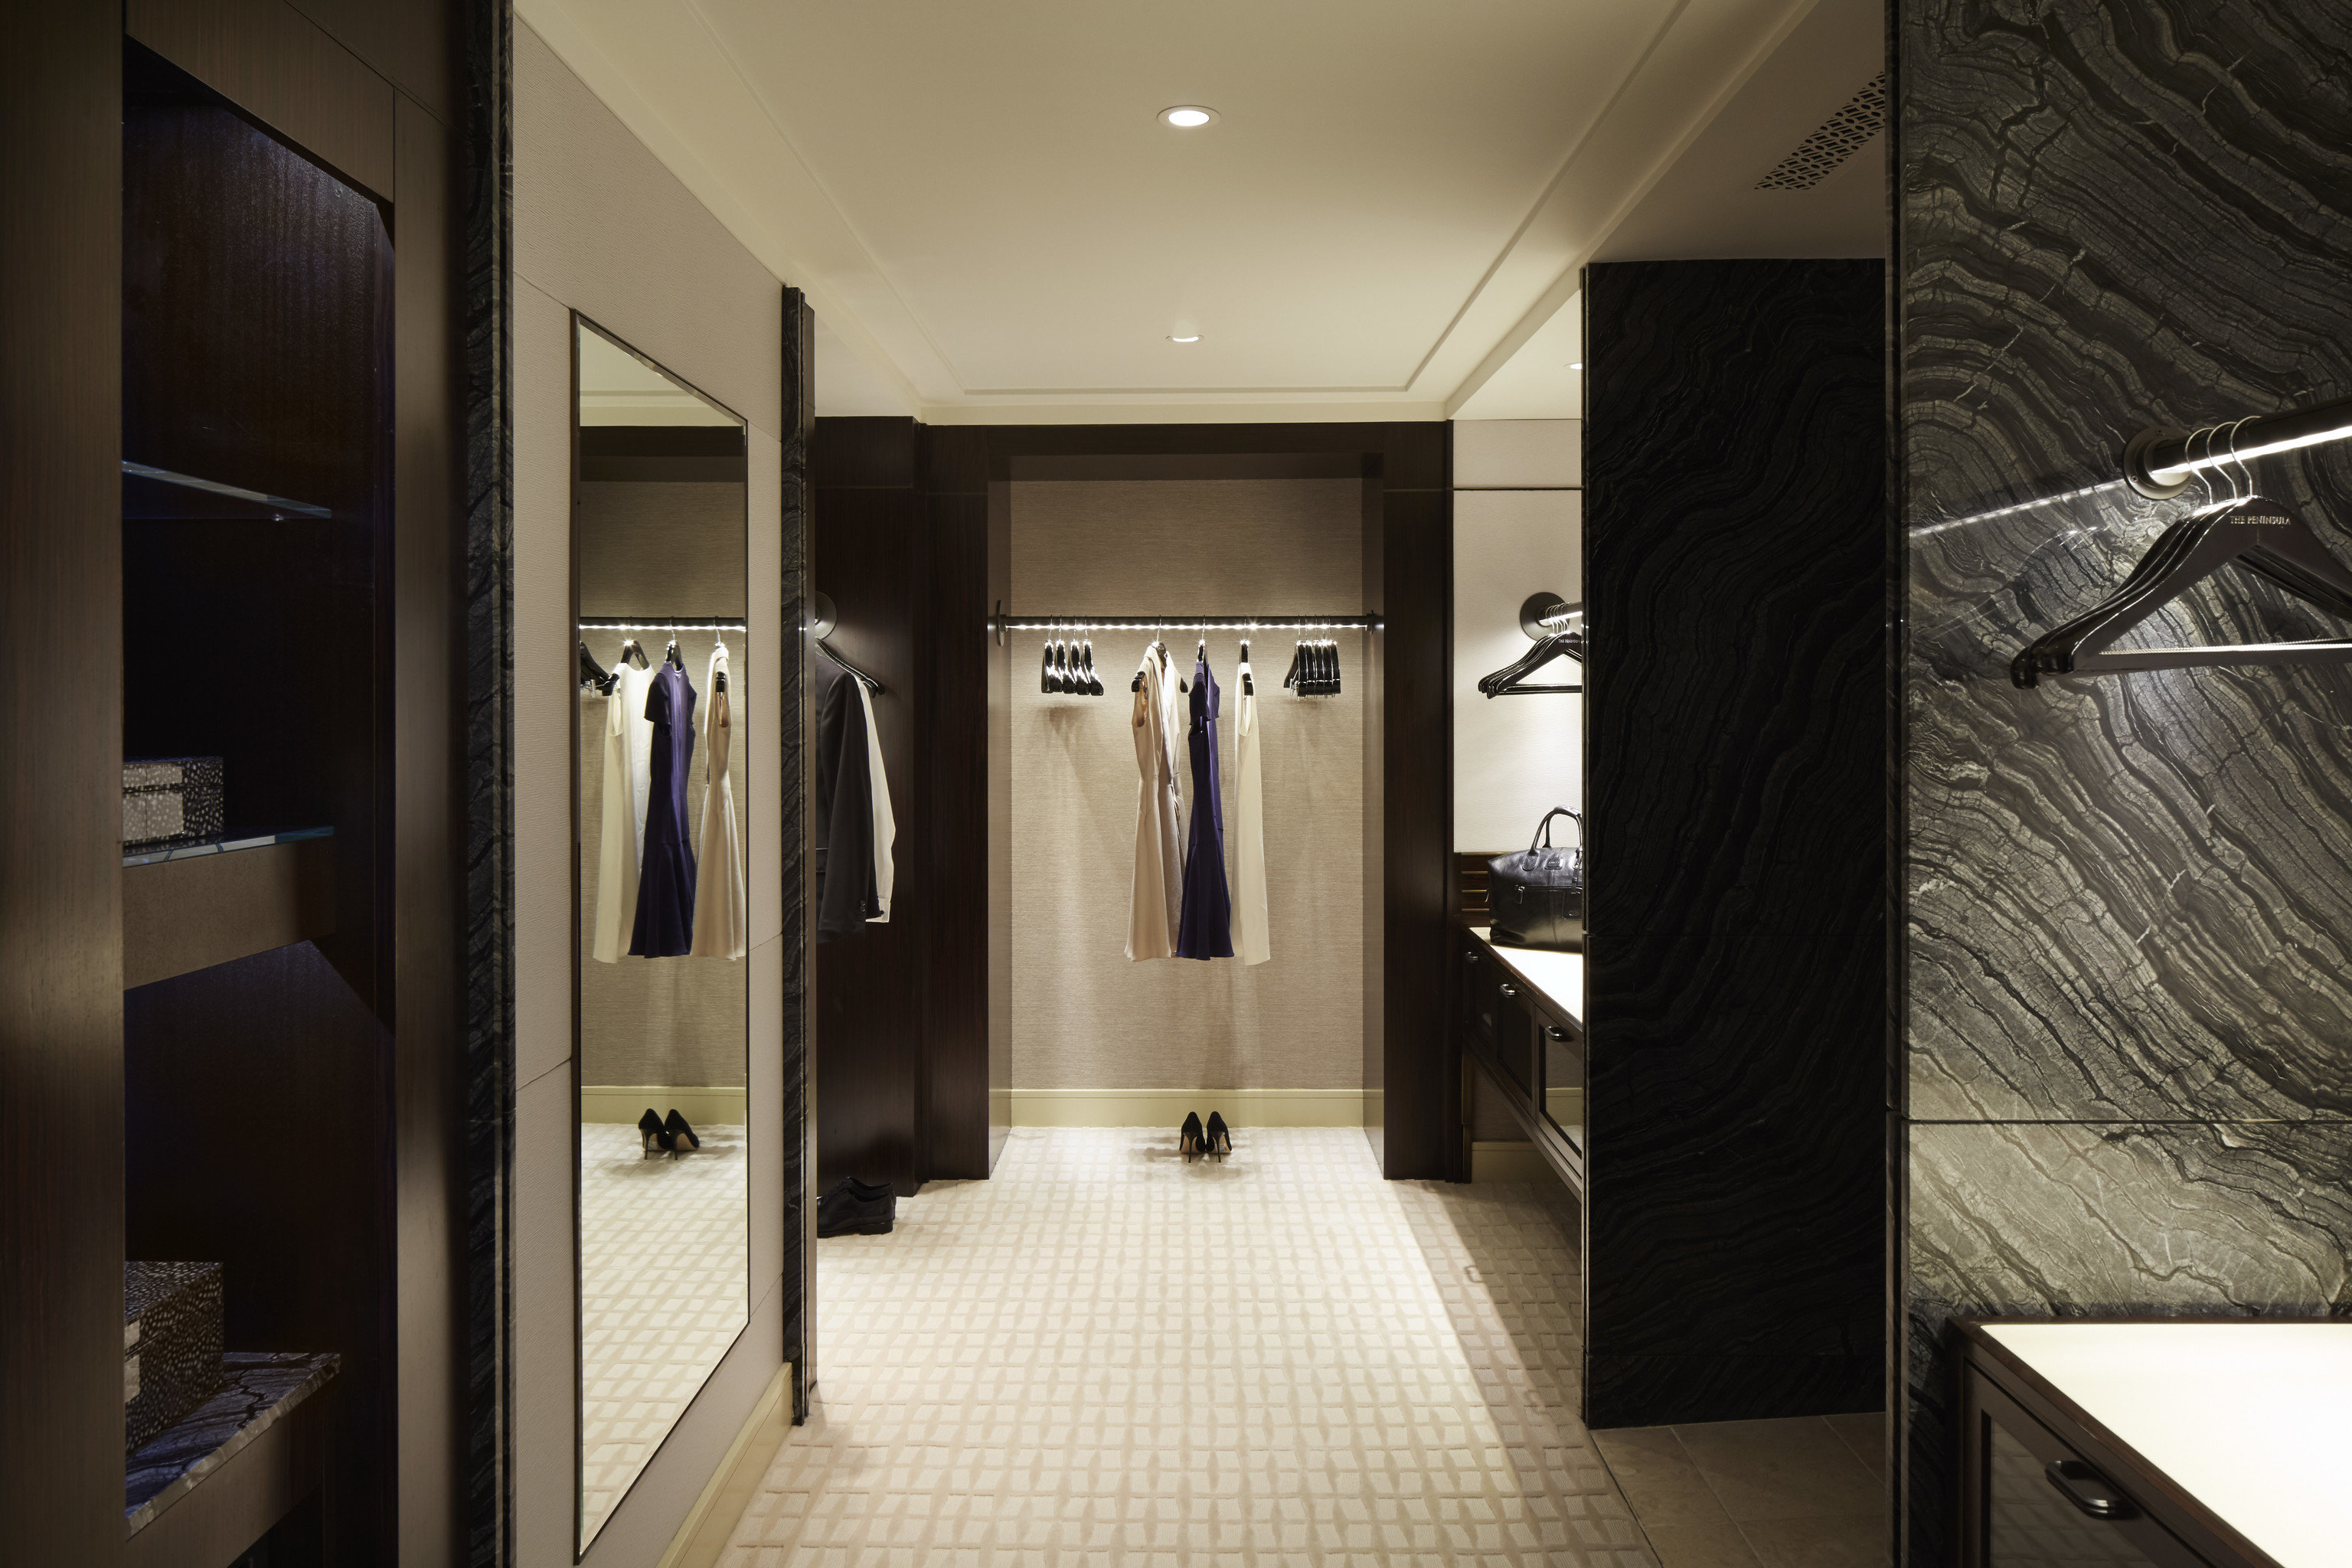 Hotels Luxury Travel indoor wall floor bathroom room interior design ceiling Boutique flooring Lobby furniture closet interior designer